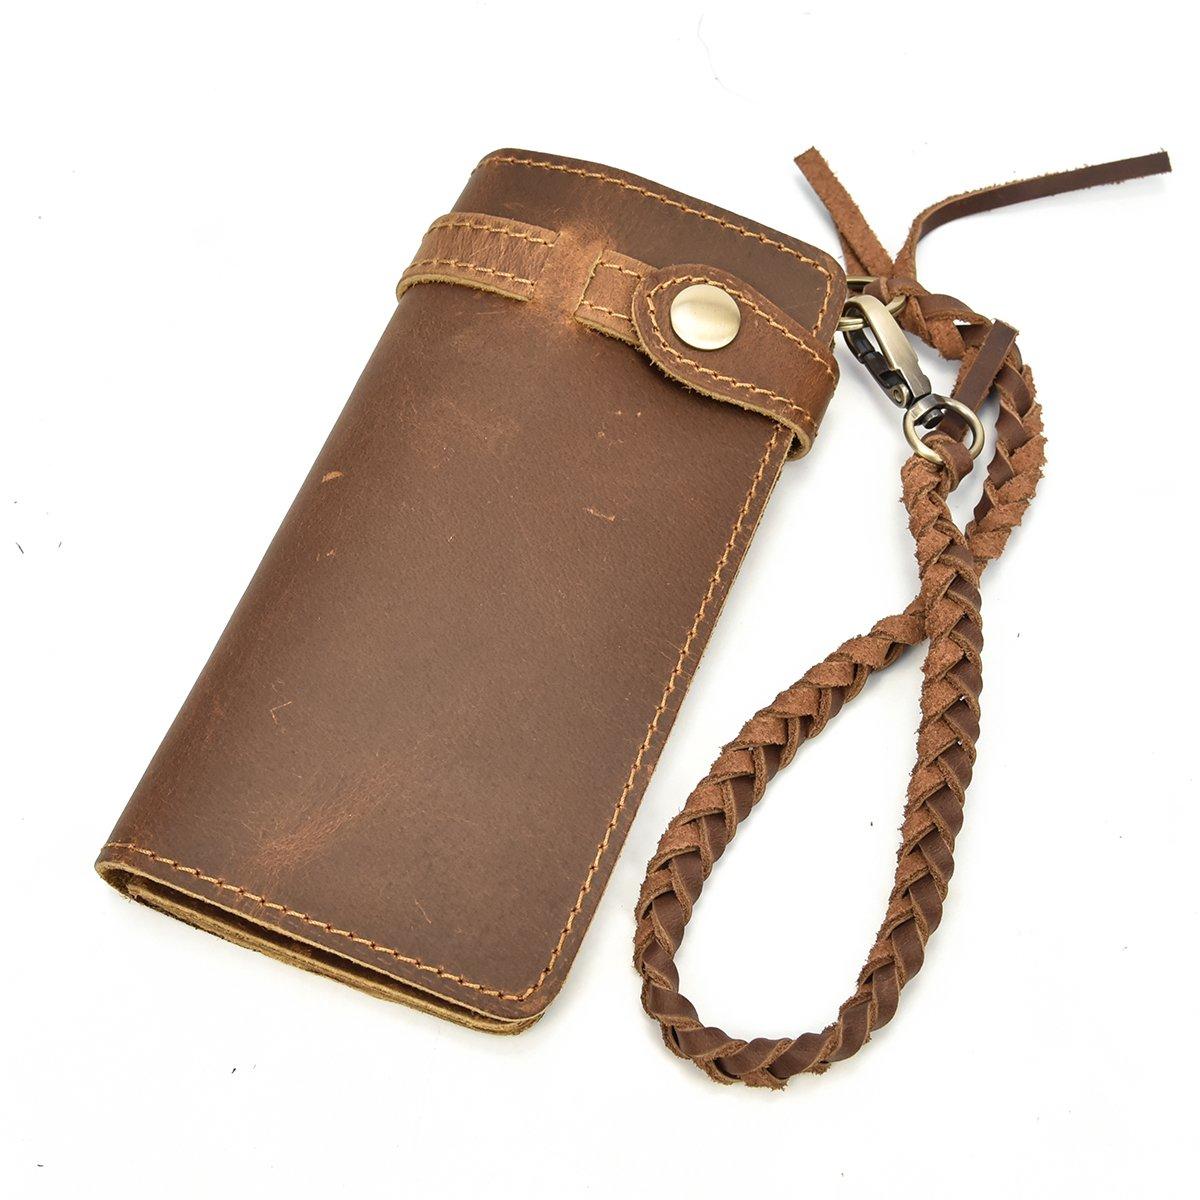 Echtes Leder lange Brieftasche mit Reißverschluss Tasche Vintage Bifold Scheckheft Geldbörse (Embossed Dragon) RwjtH